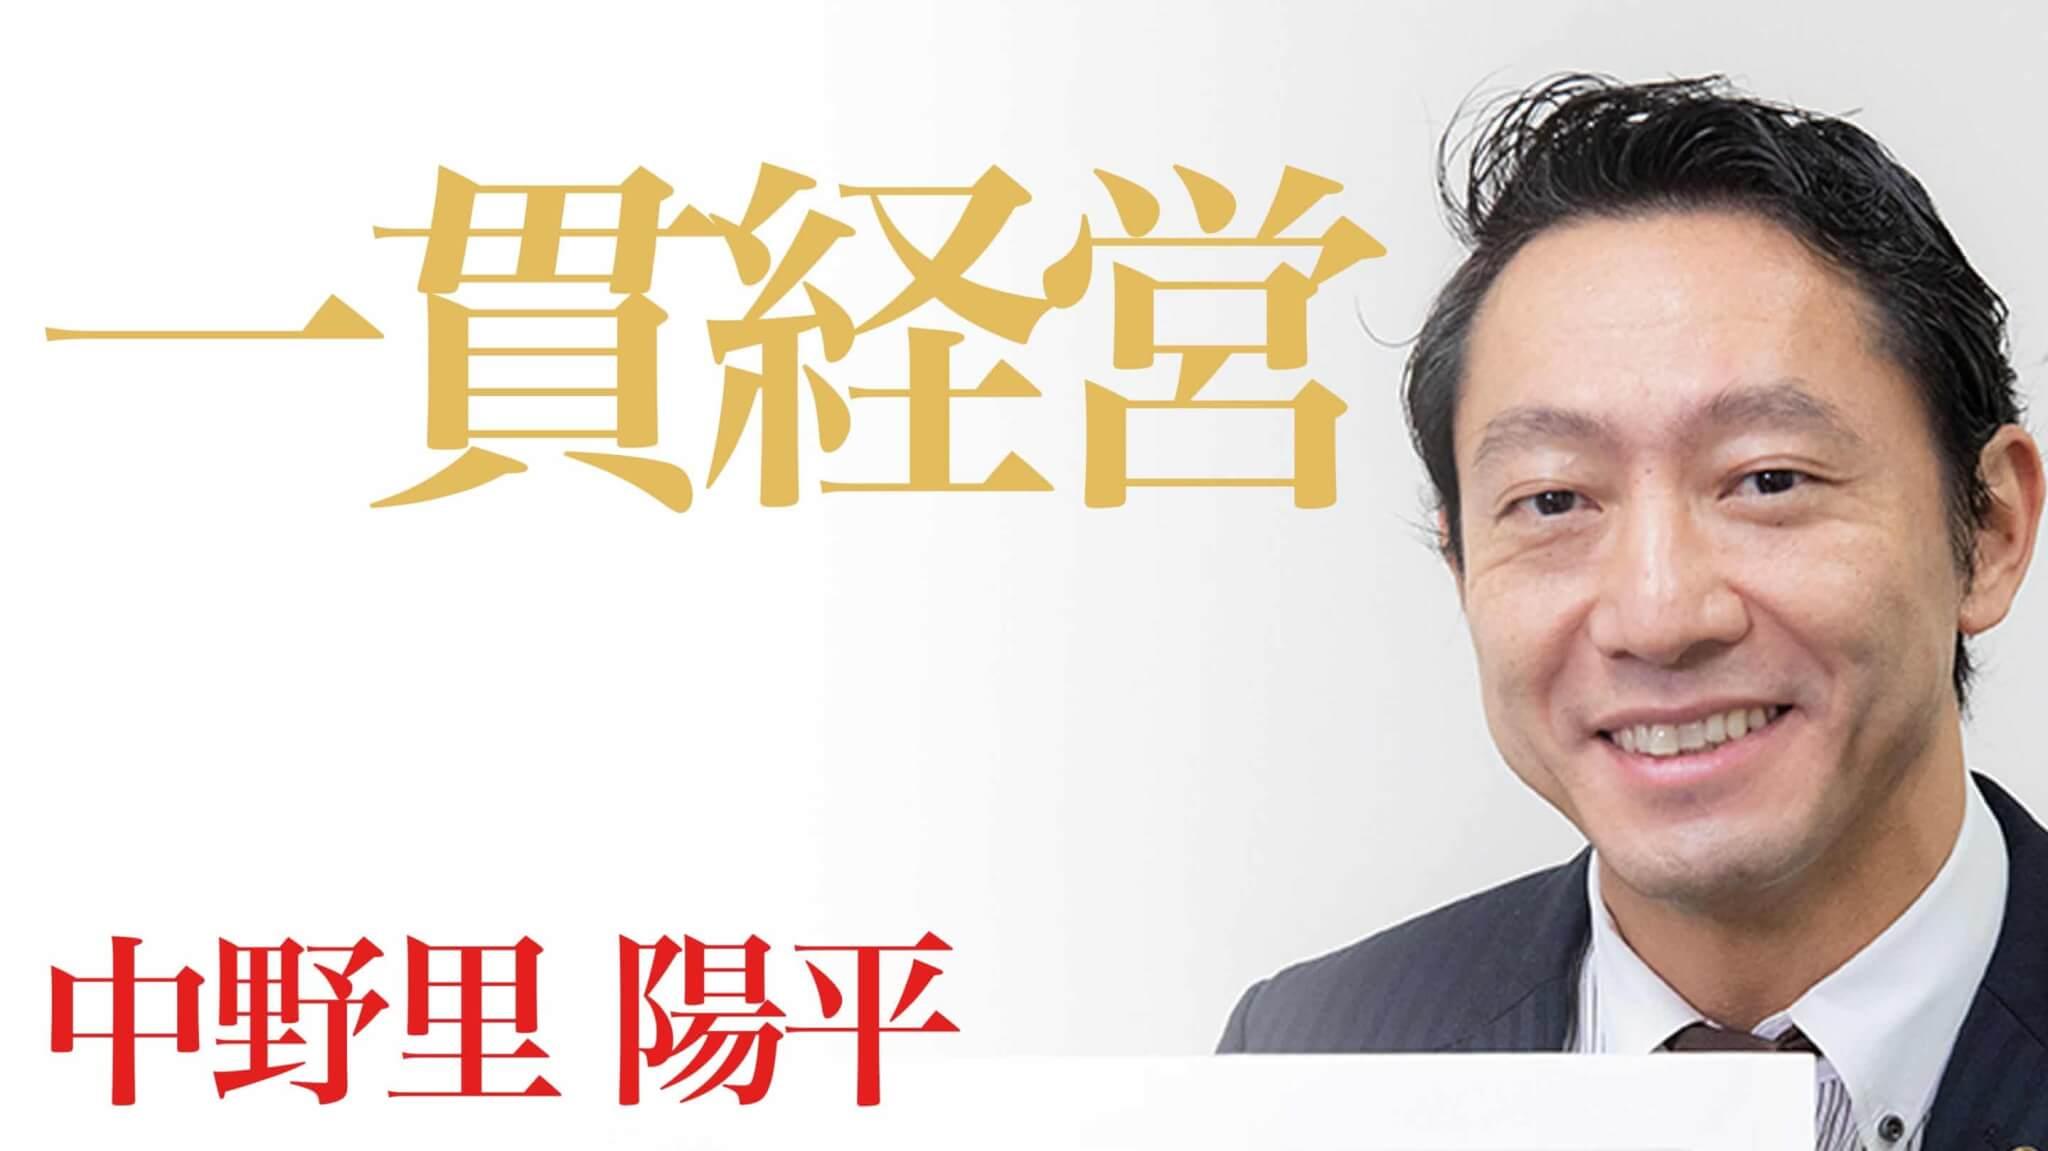 私の経営道 築地玉寿司 中野里陽平